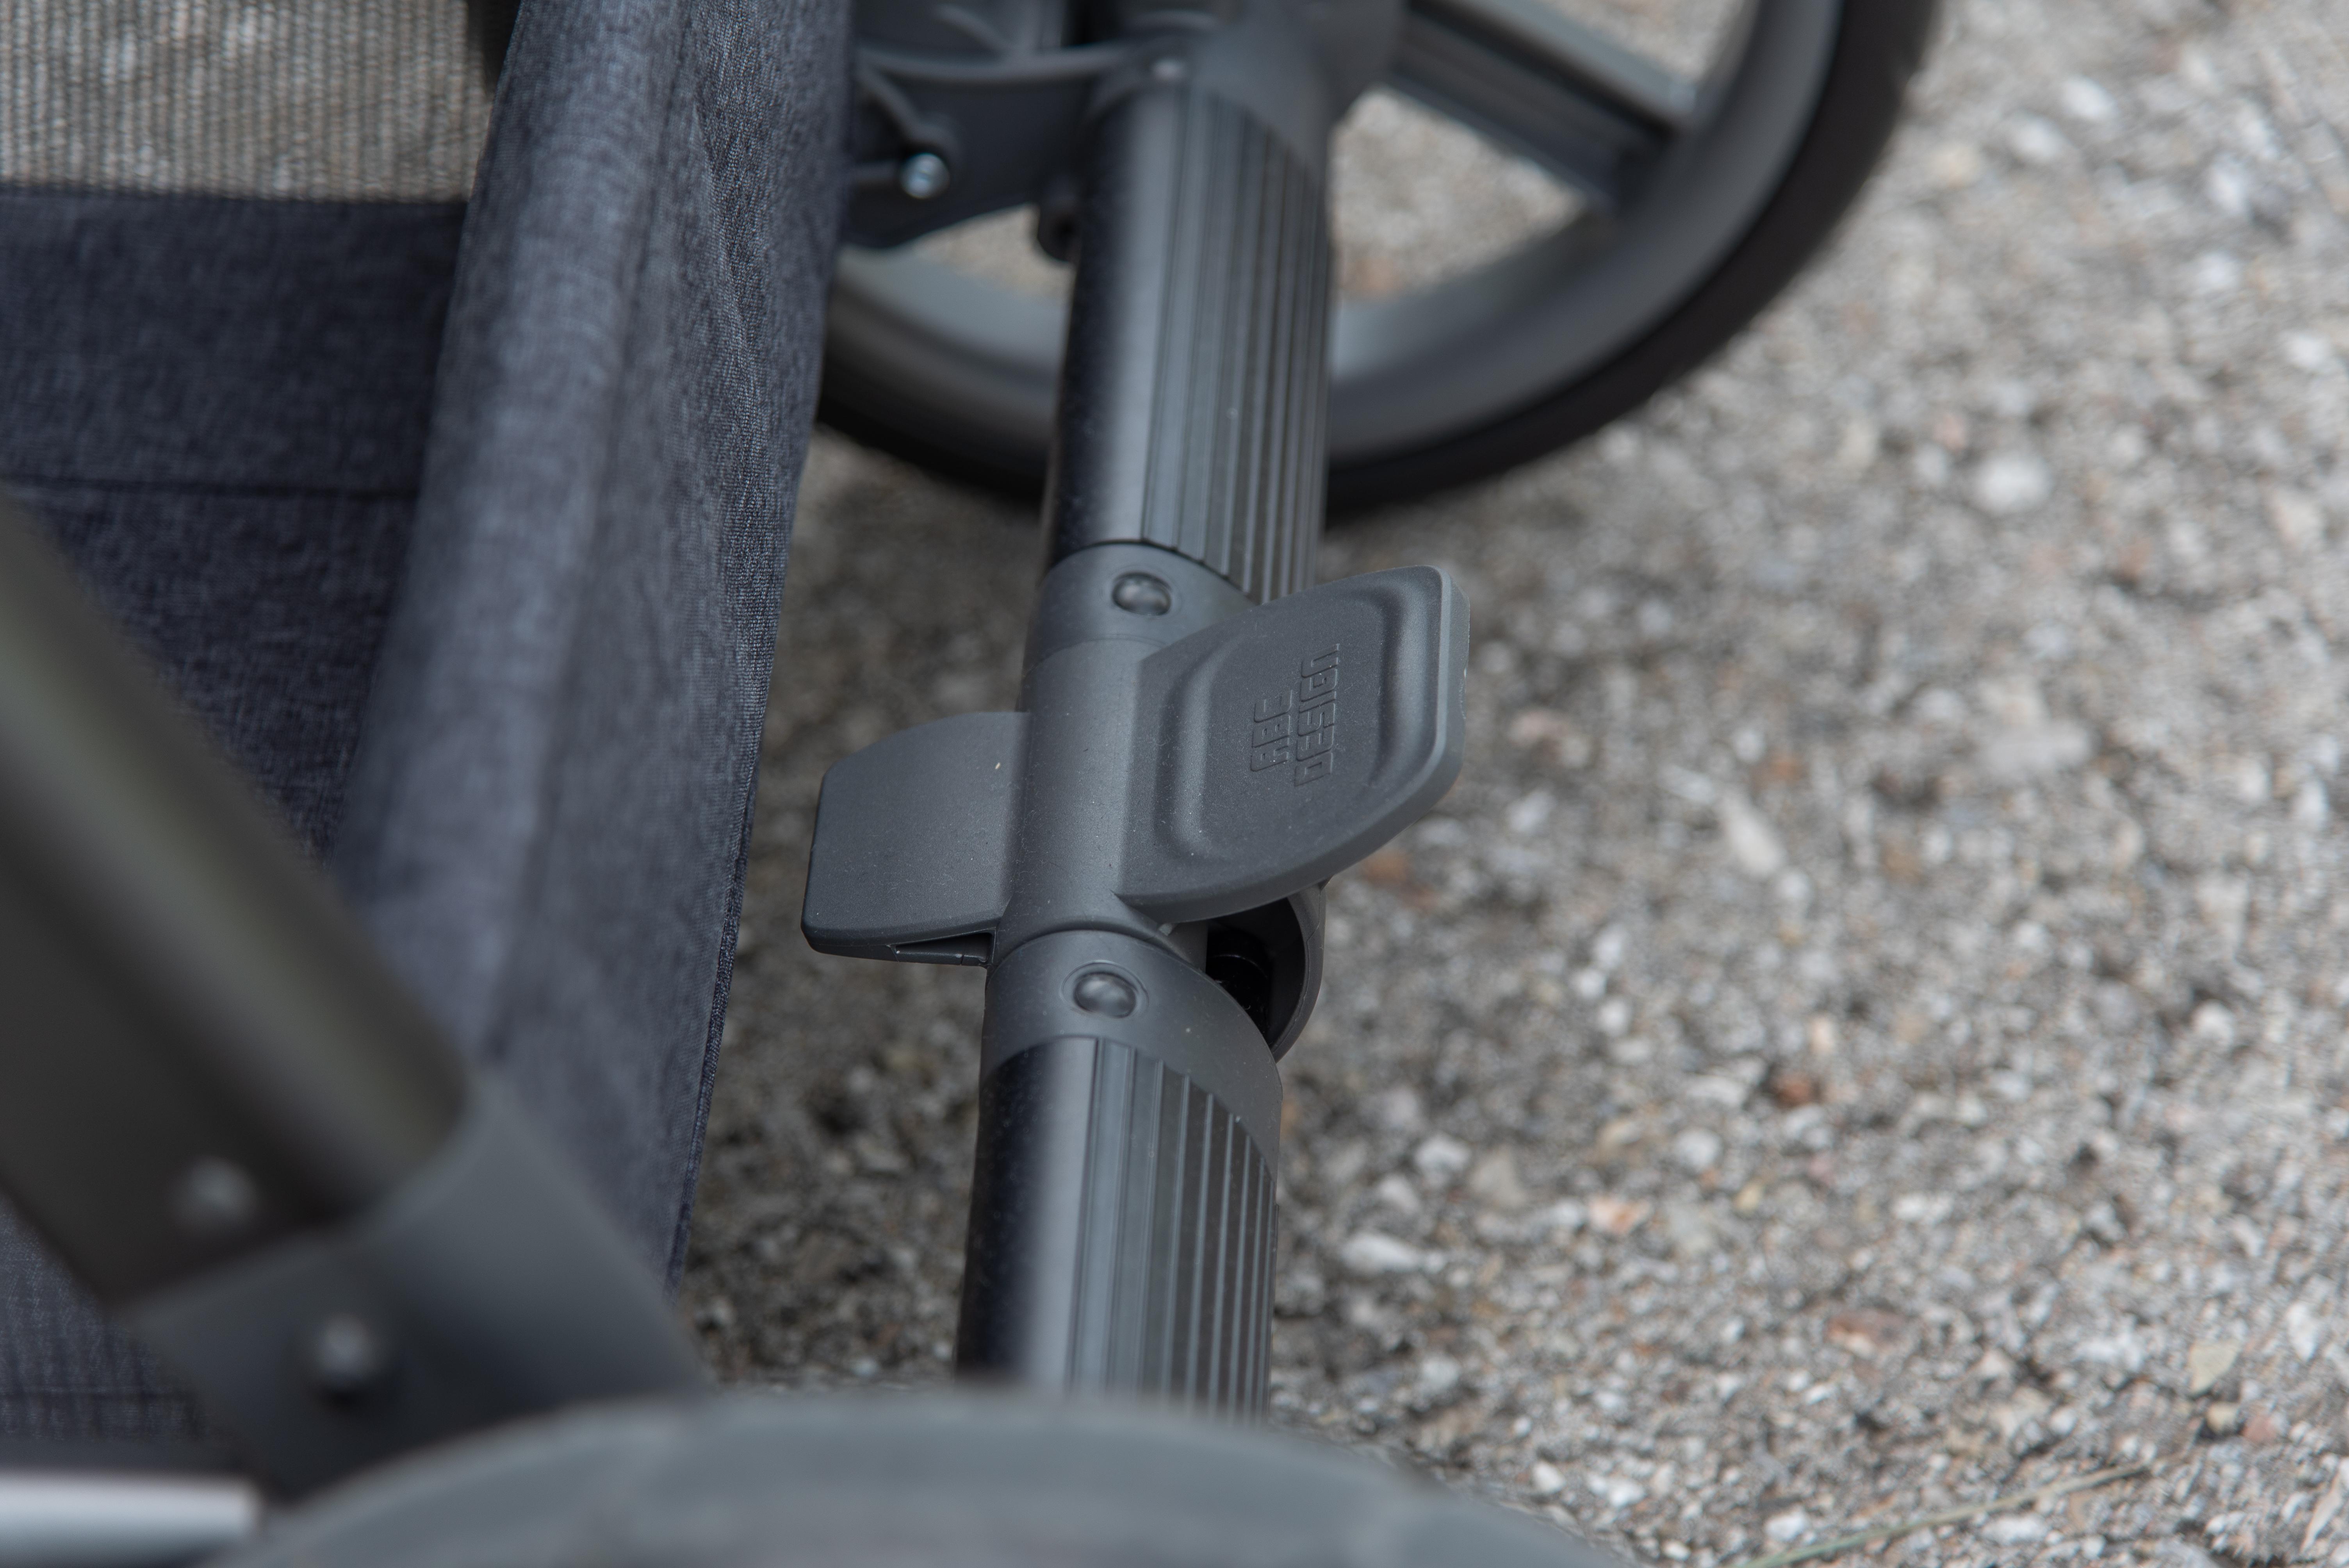 Condor 4 Kombi-Kinderwagen: Fußbrmse